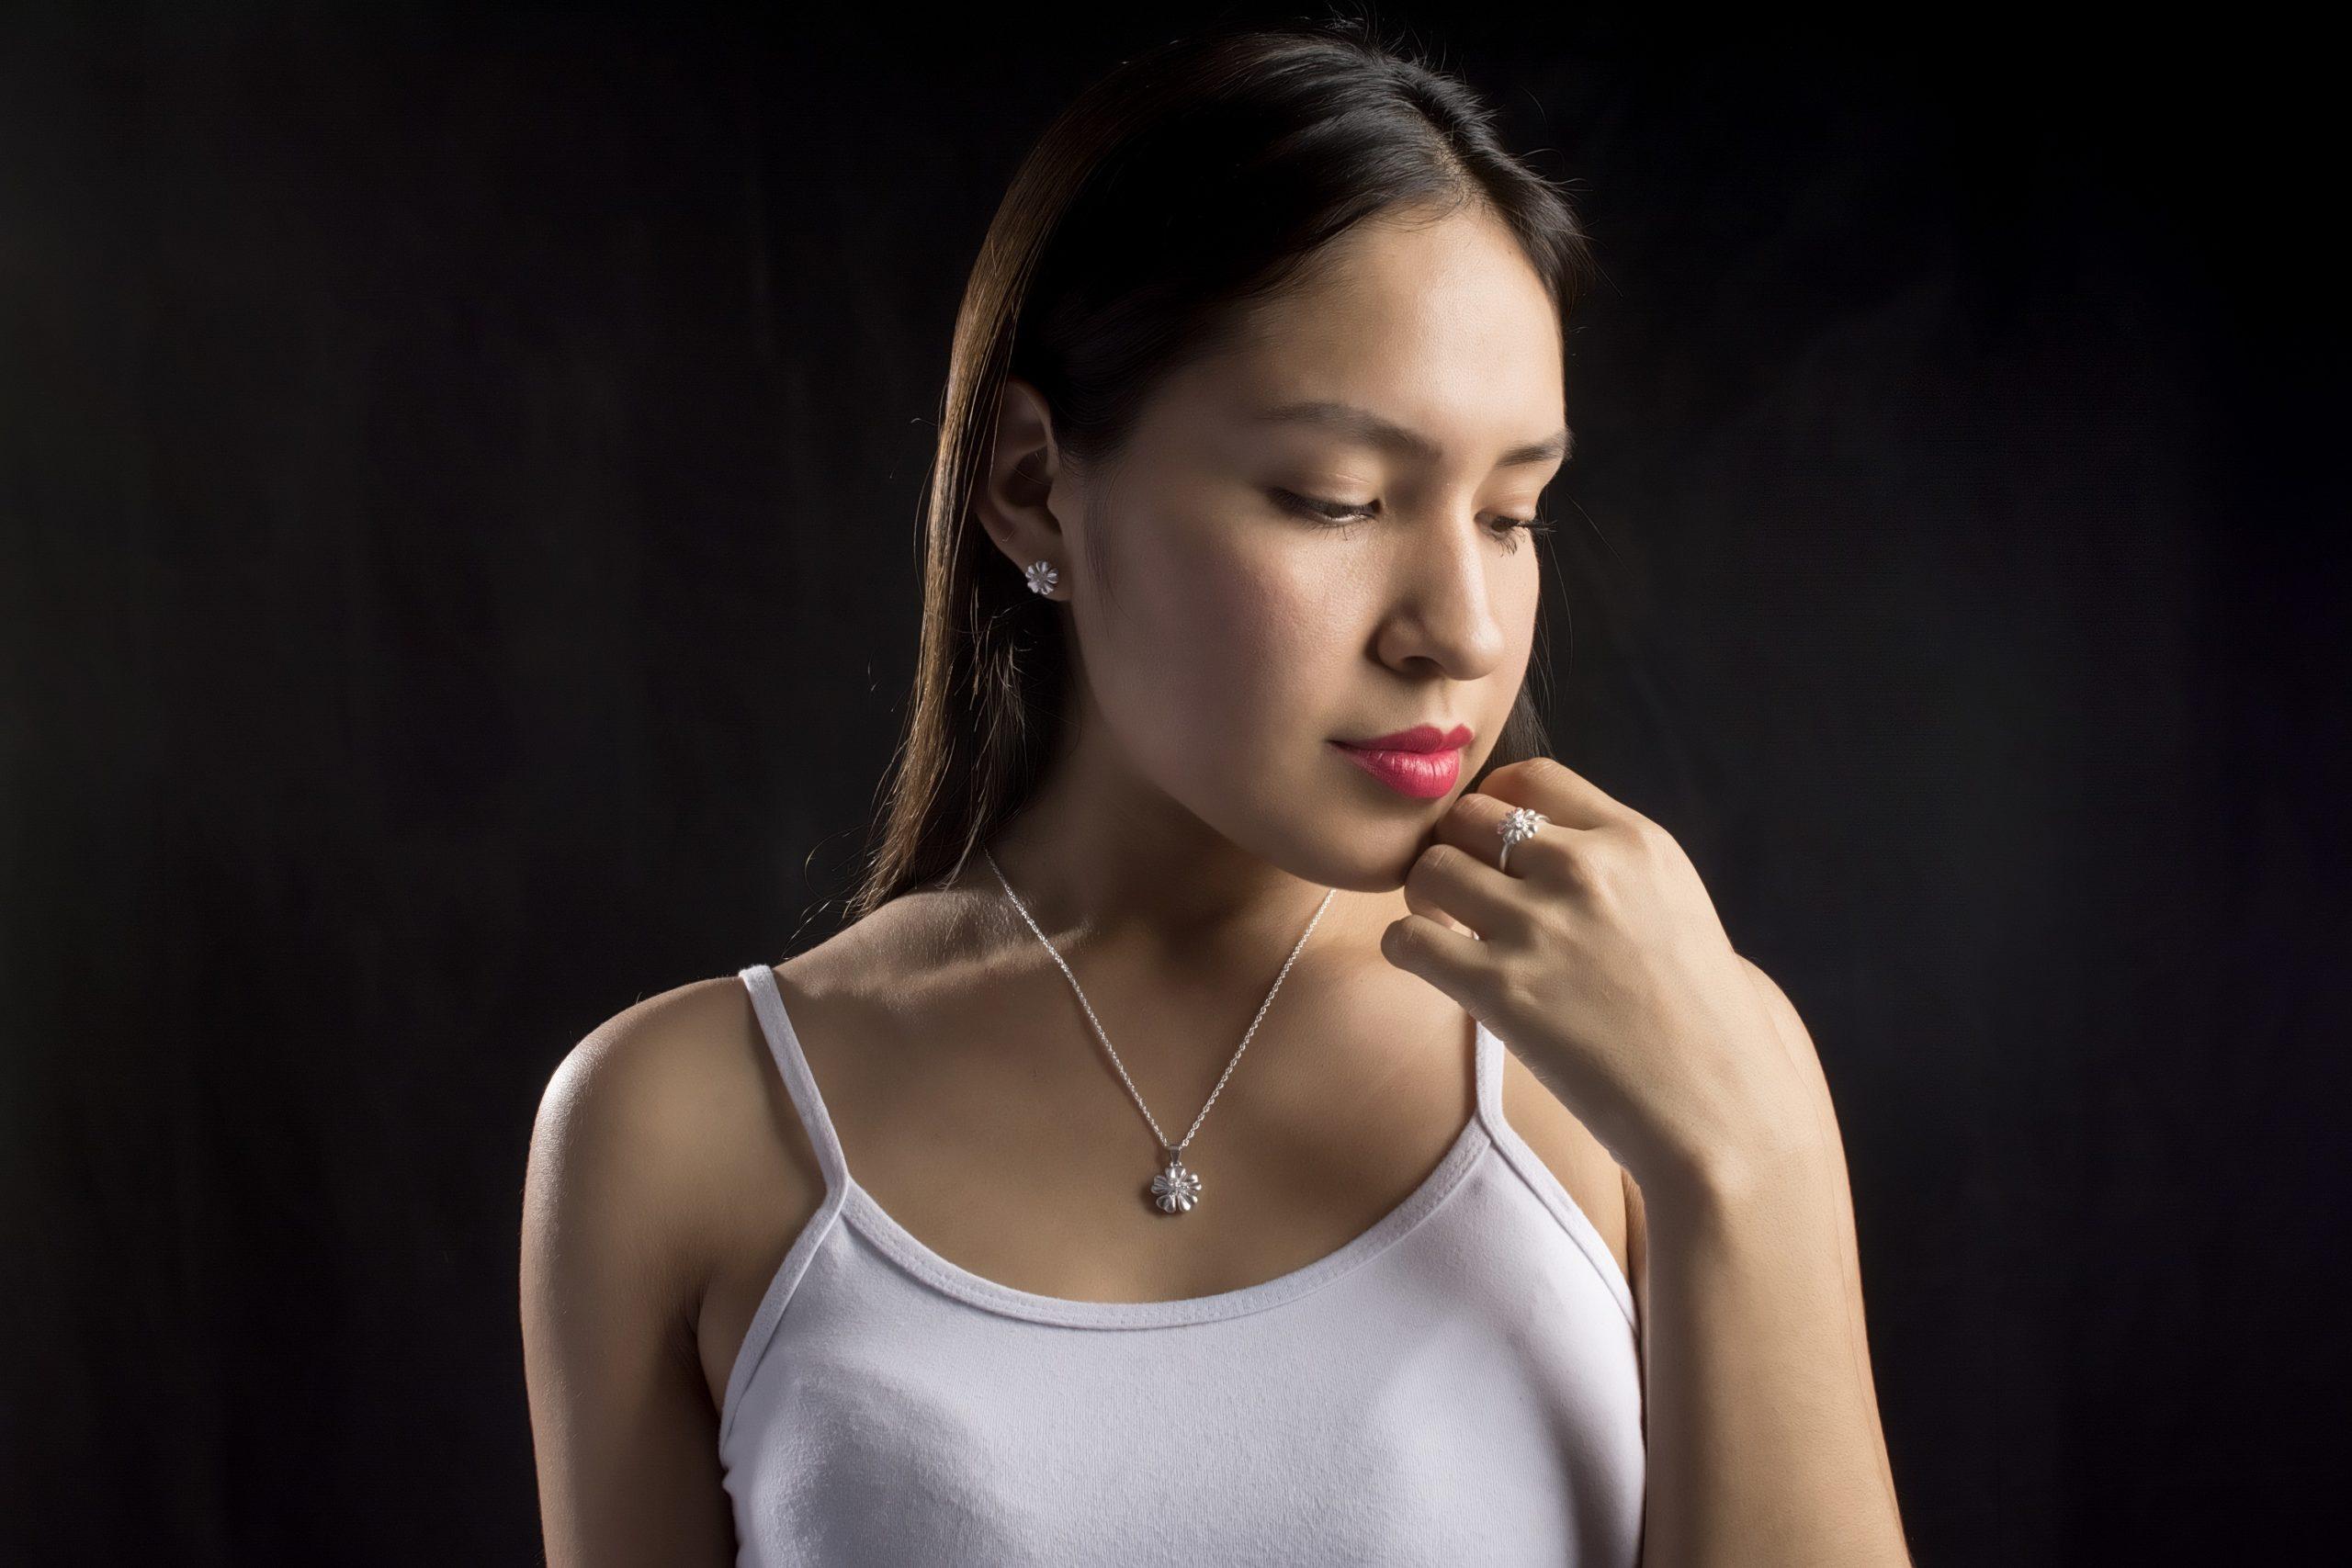 Juego de joyas (collar y aretes).Material: Plata 925.